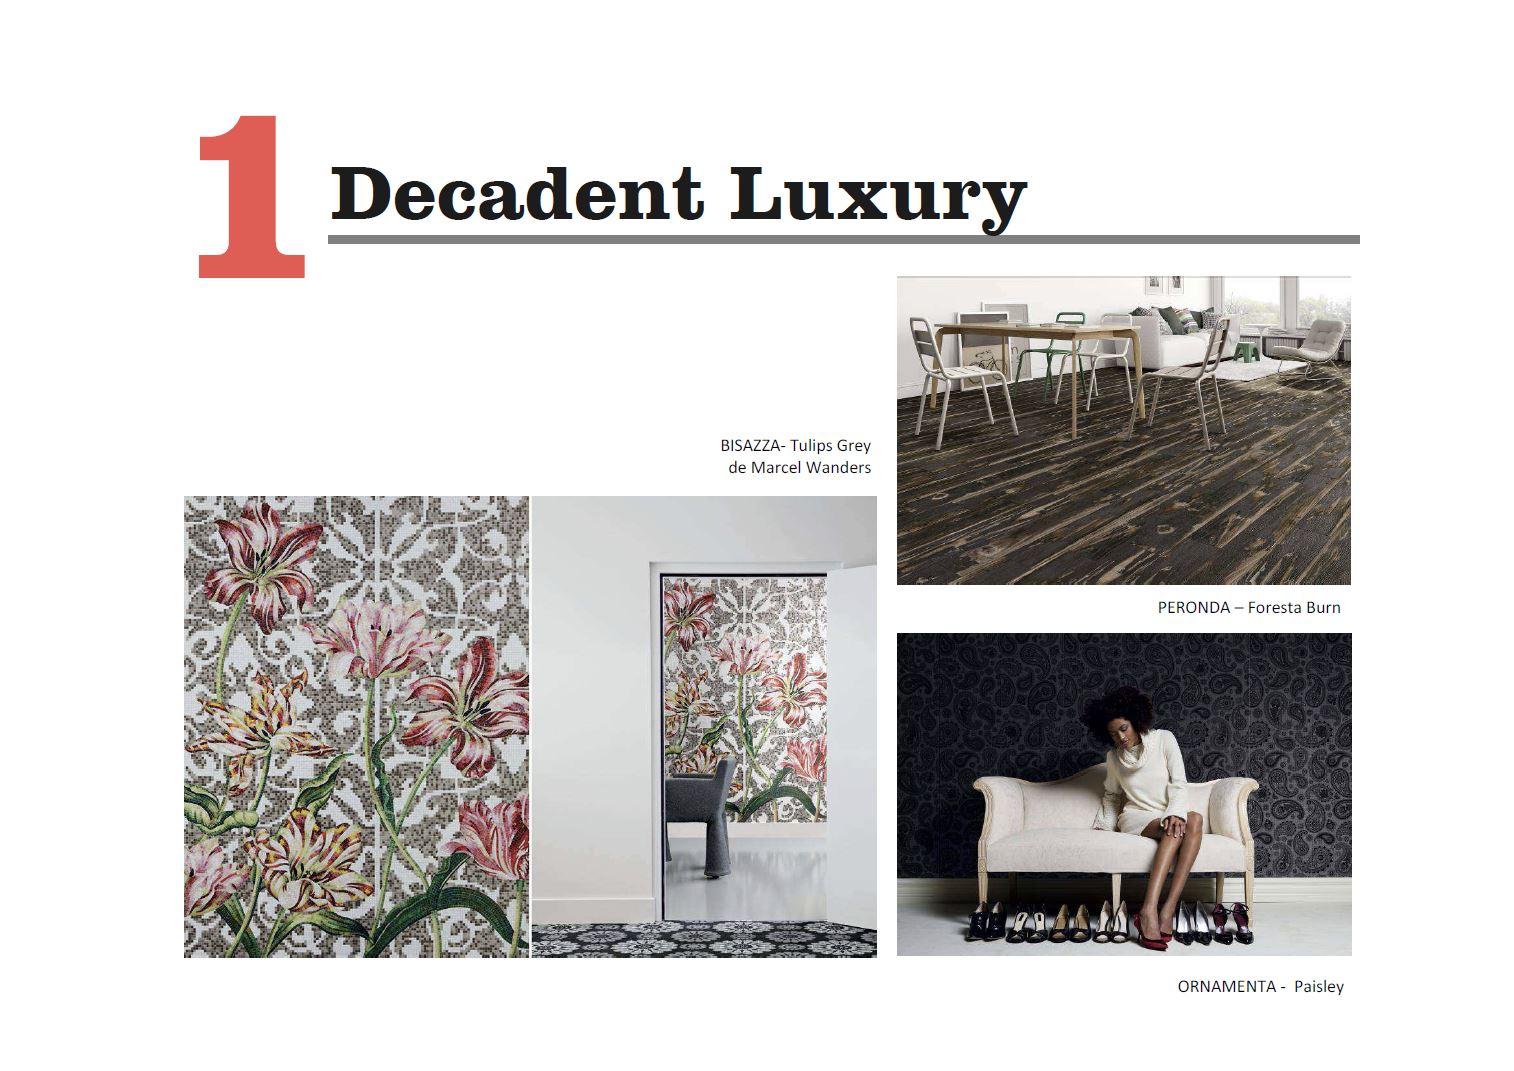 Decadent-luxury-tendencias-ceramicas-2016-oth-ceramica-a-mano-alzada